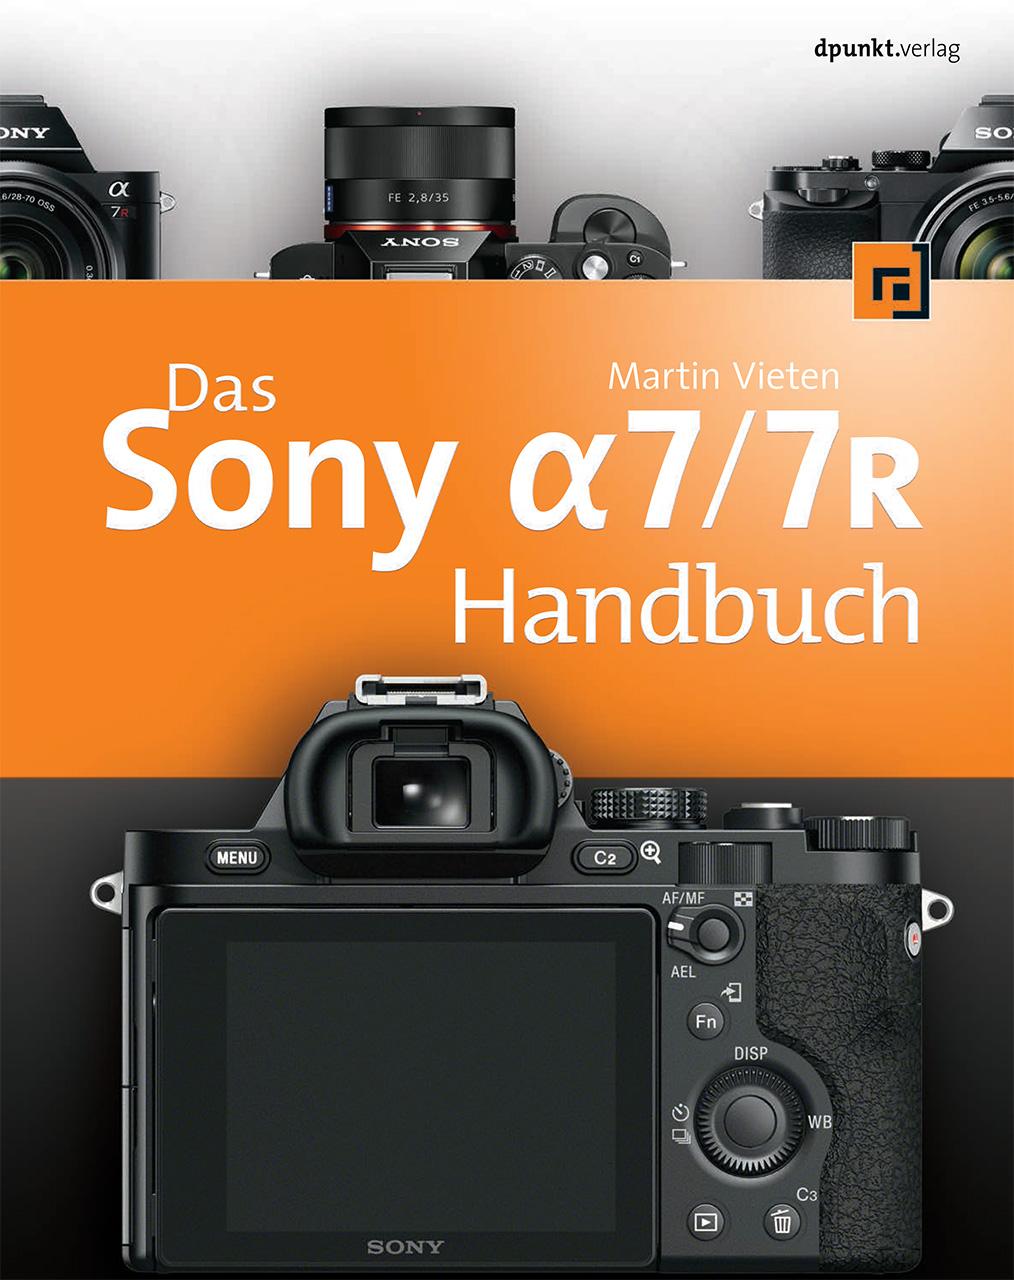 Das Sony Alpha 7/7R Handbuch - Martin Vieten